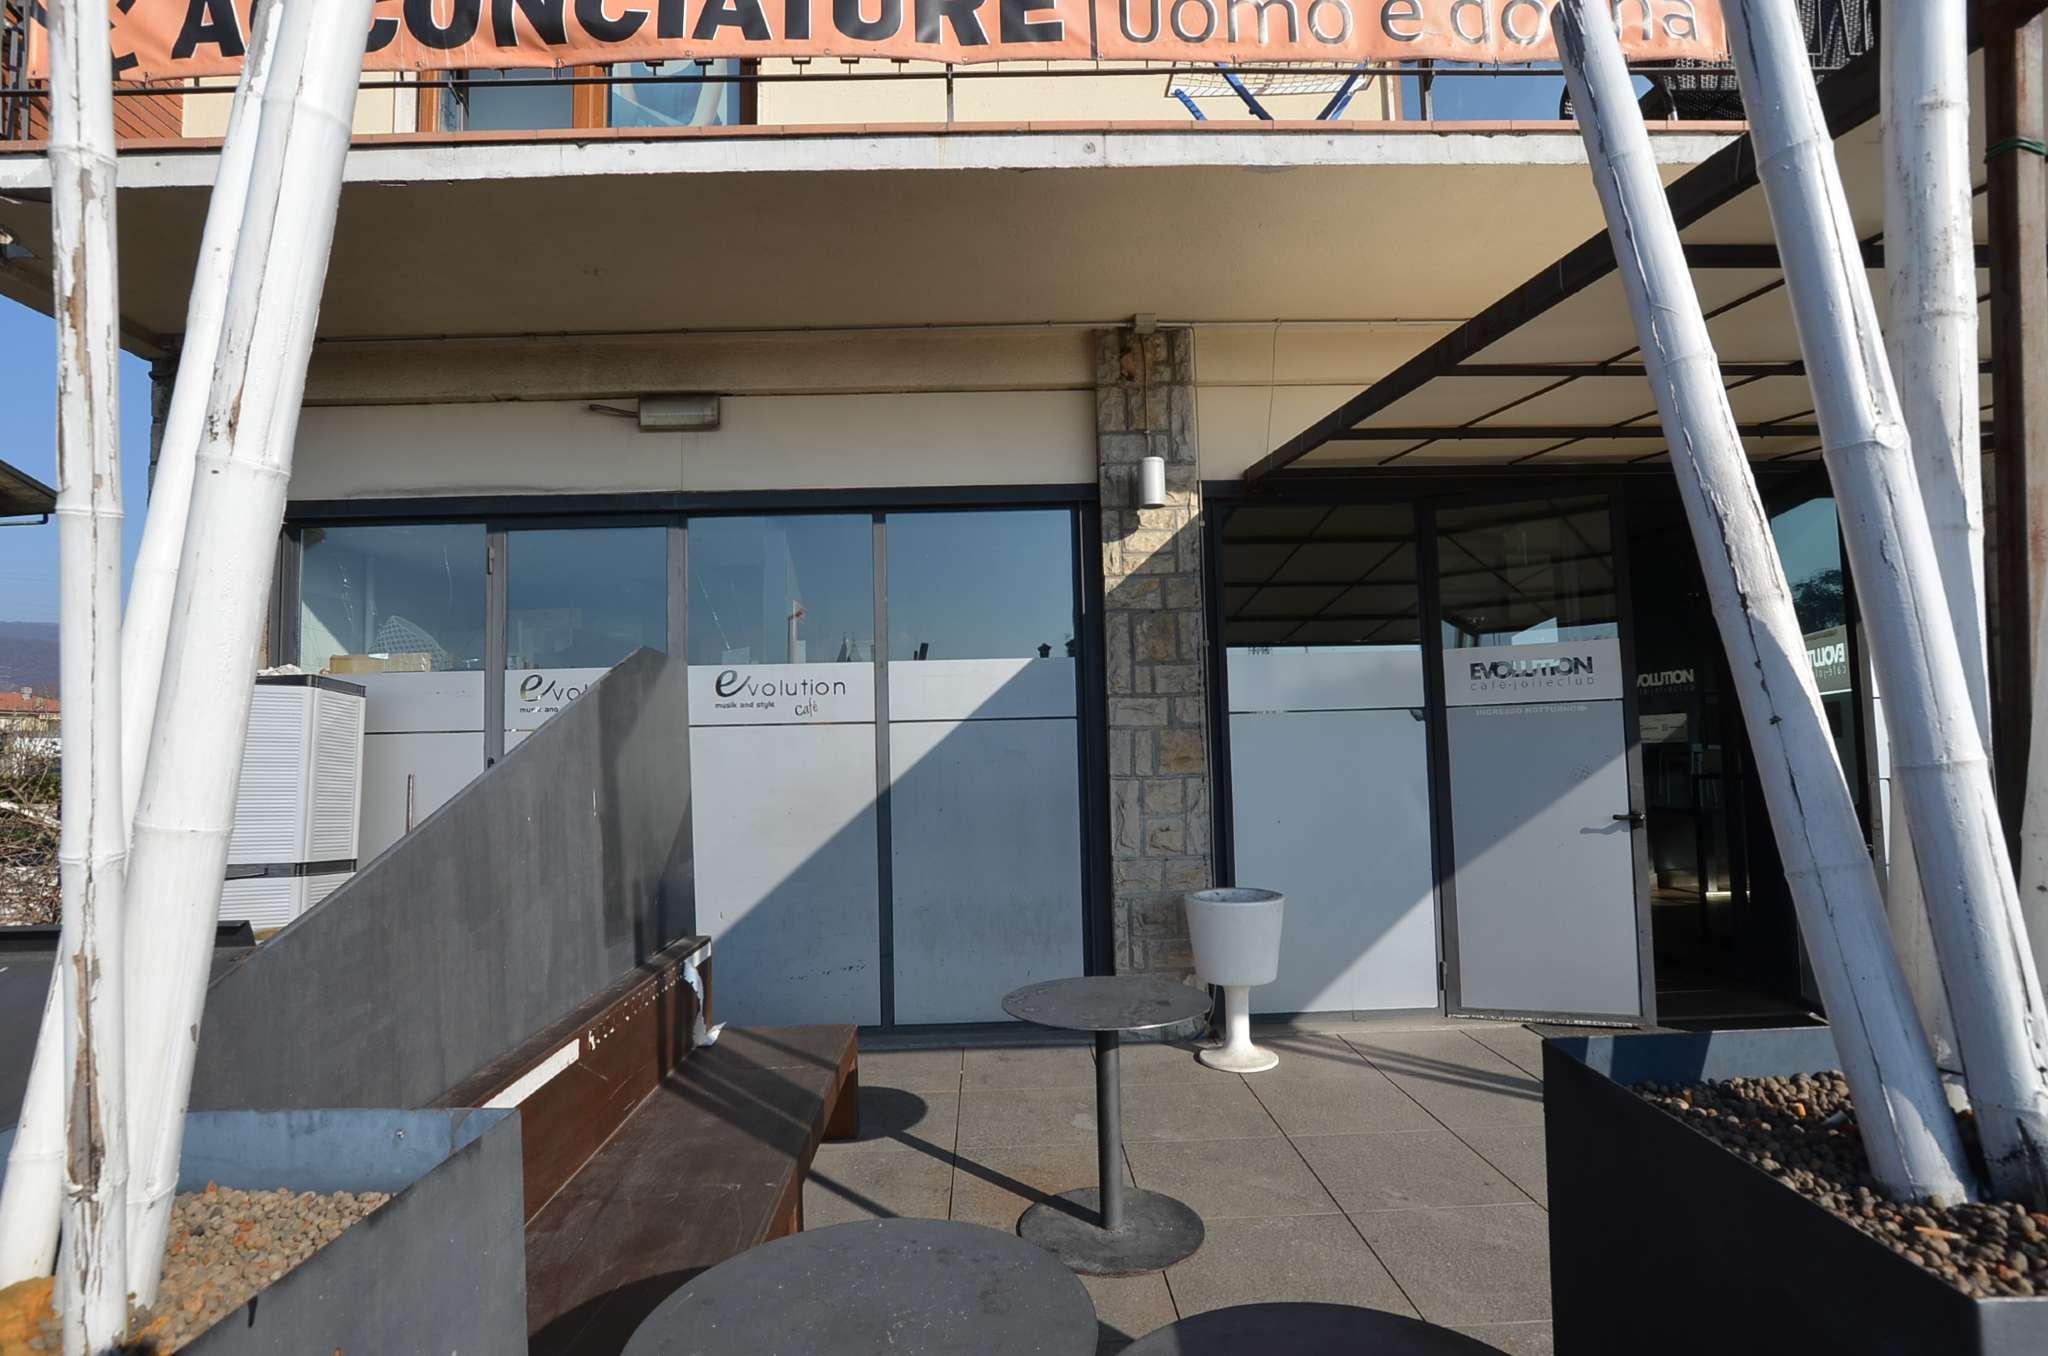 Negozio / Locale in vendita a Paladina, 4 locali, prezzo € 350.000   CambioCasa.it